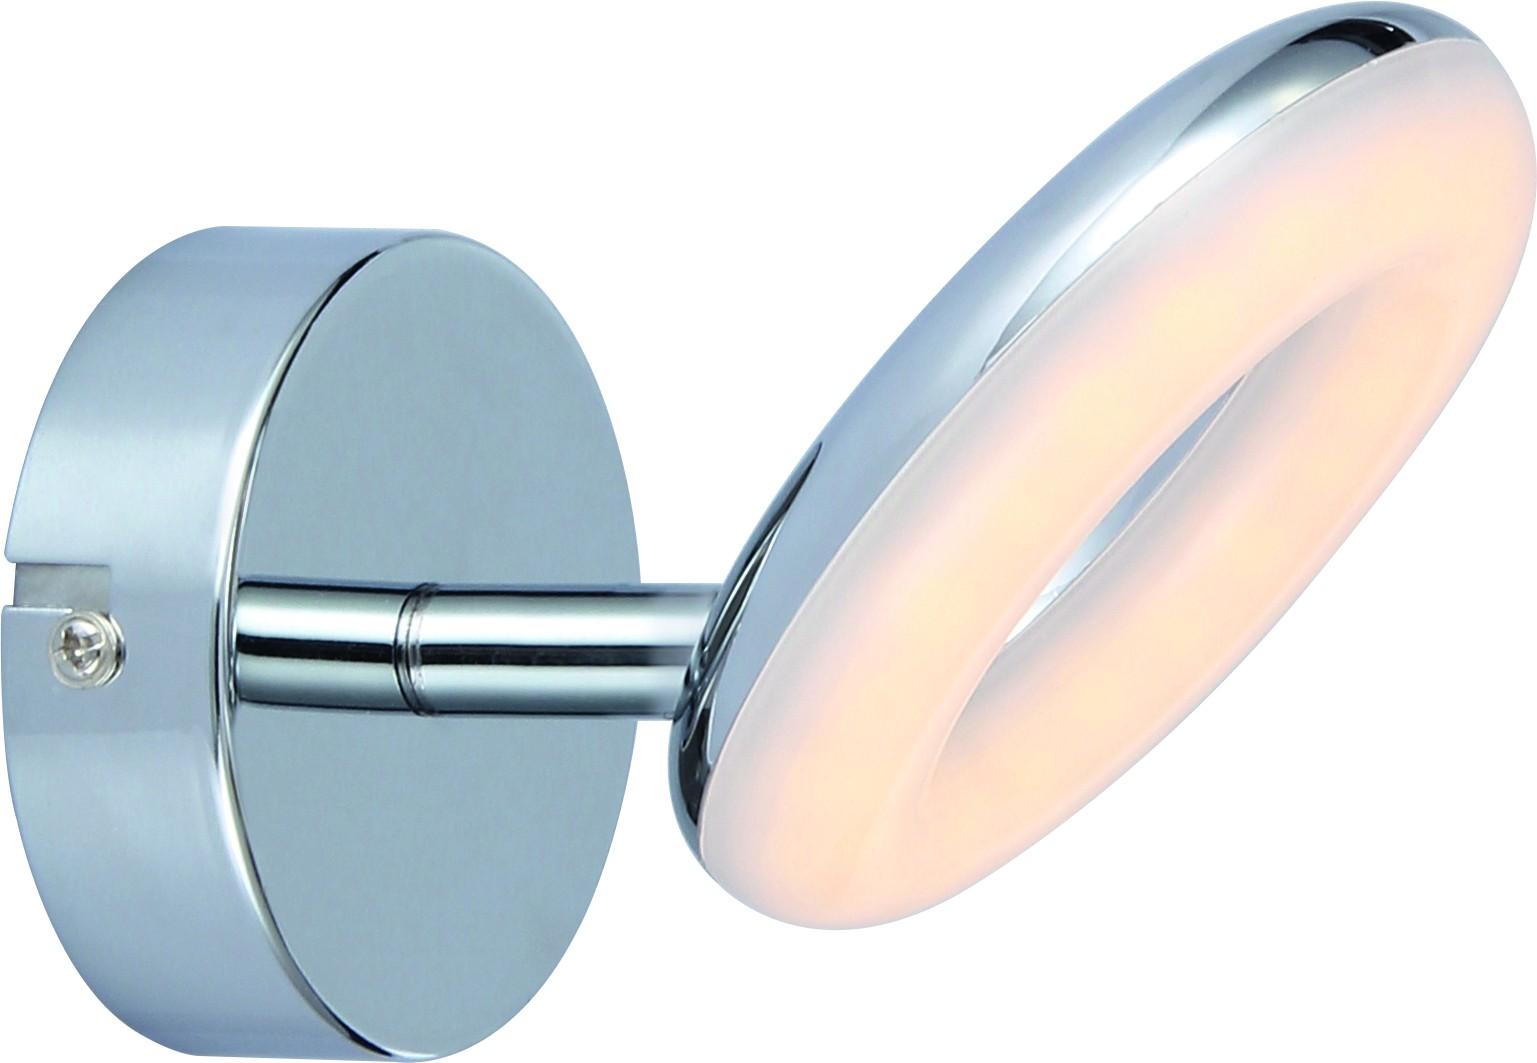 Спот Arte lamp A8972ap-1cc